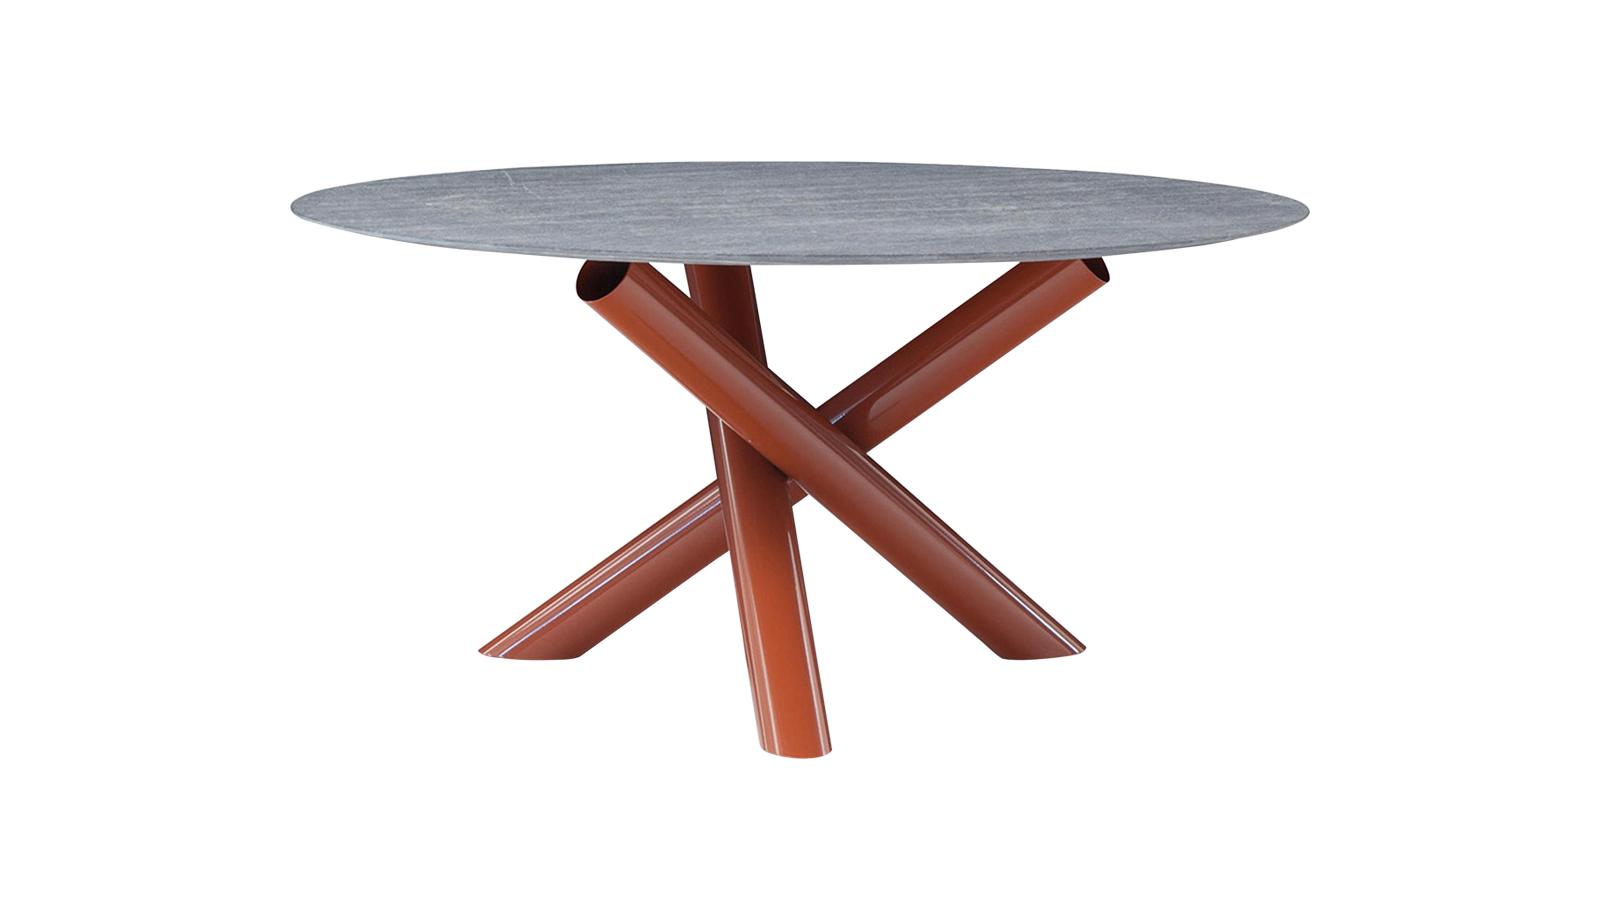 Karakteres és masszív: a Van Dyck kültéri asztal játékosságáról és stabilitásáról egyaránt a három, egymásnak támasztott, e gyenként 10 cm átmérőjű csőből álló szerkezet gondoskodik. A kültéri változat számos színben elérhető, és egy szintén több színben elérhető, kerek asztallap teszi teljessé. Erőteljes és feltűnő darab, csak bátraknak.